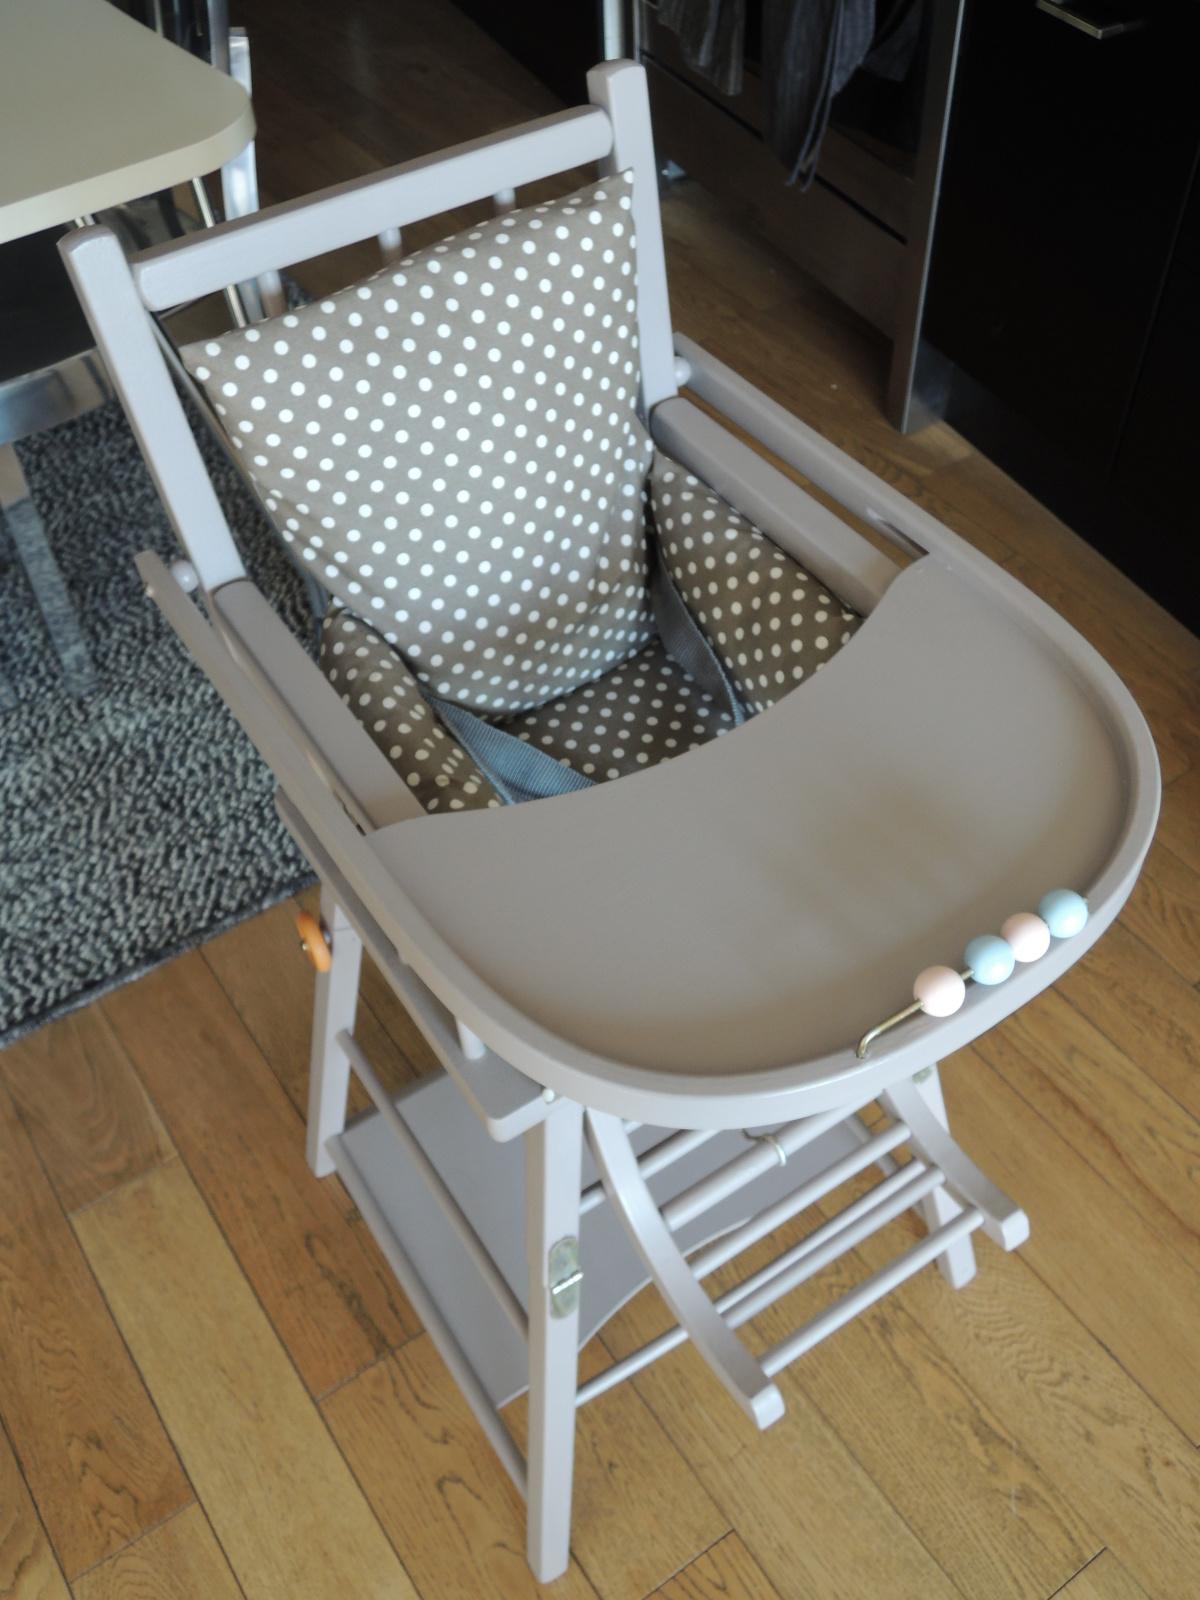 chaise haute en bois pour b b d occasion ouistitipop. Black Bedroom Furniture Sets. Home Design Ideas